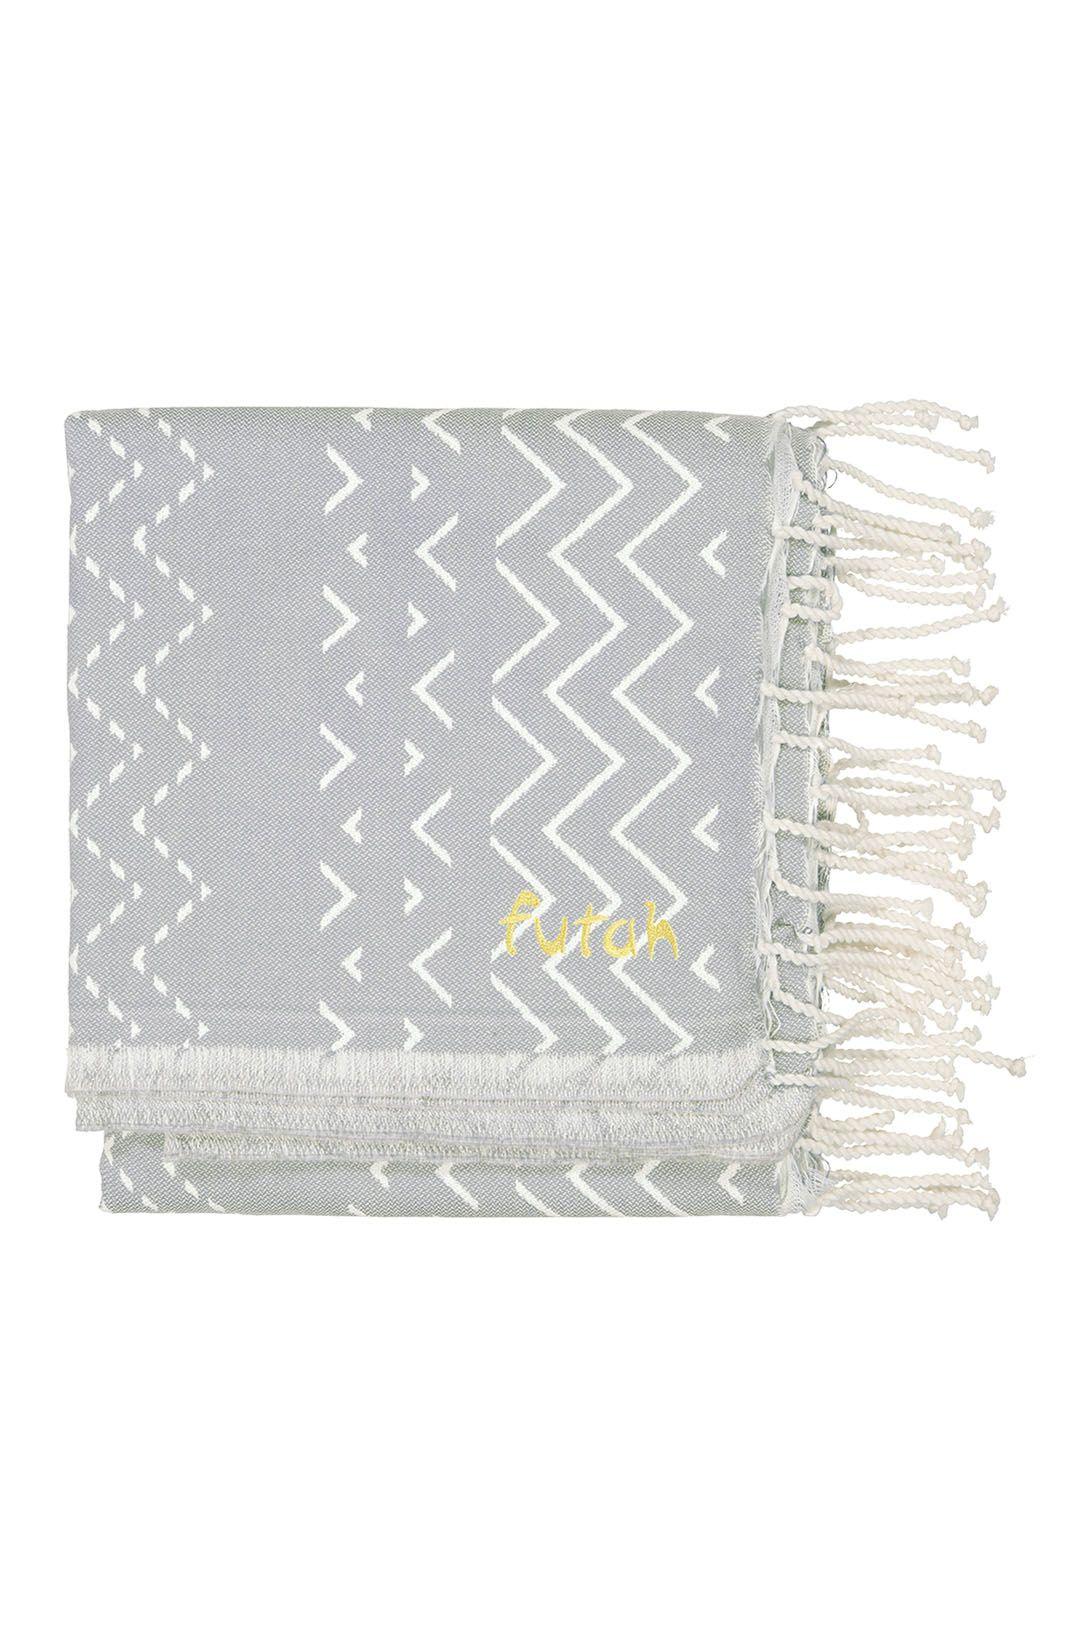 Futah Beach Towel BARRA XL Grey